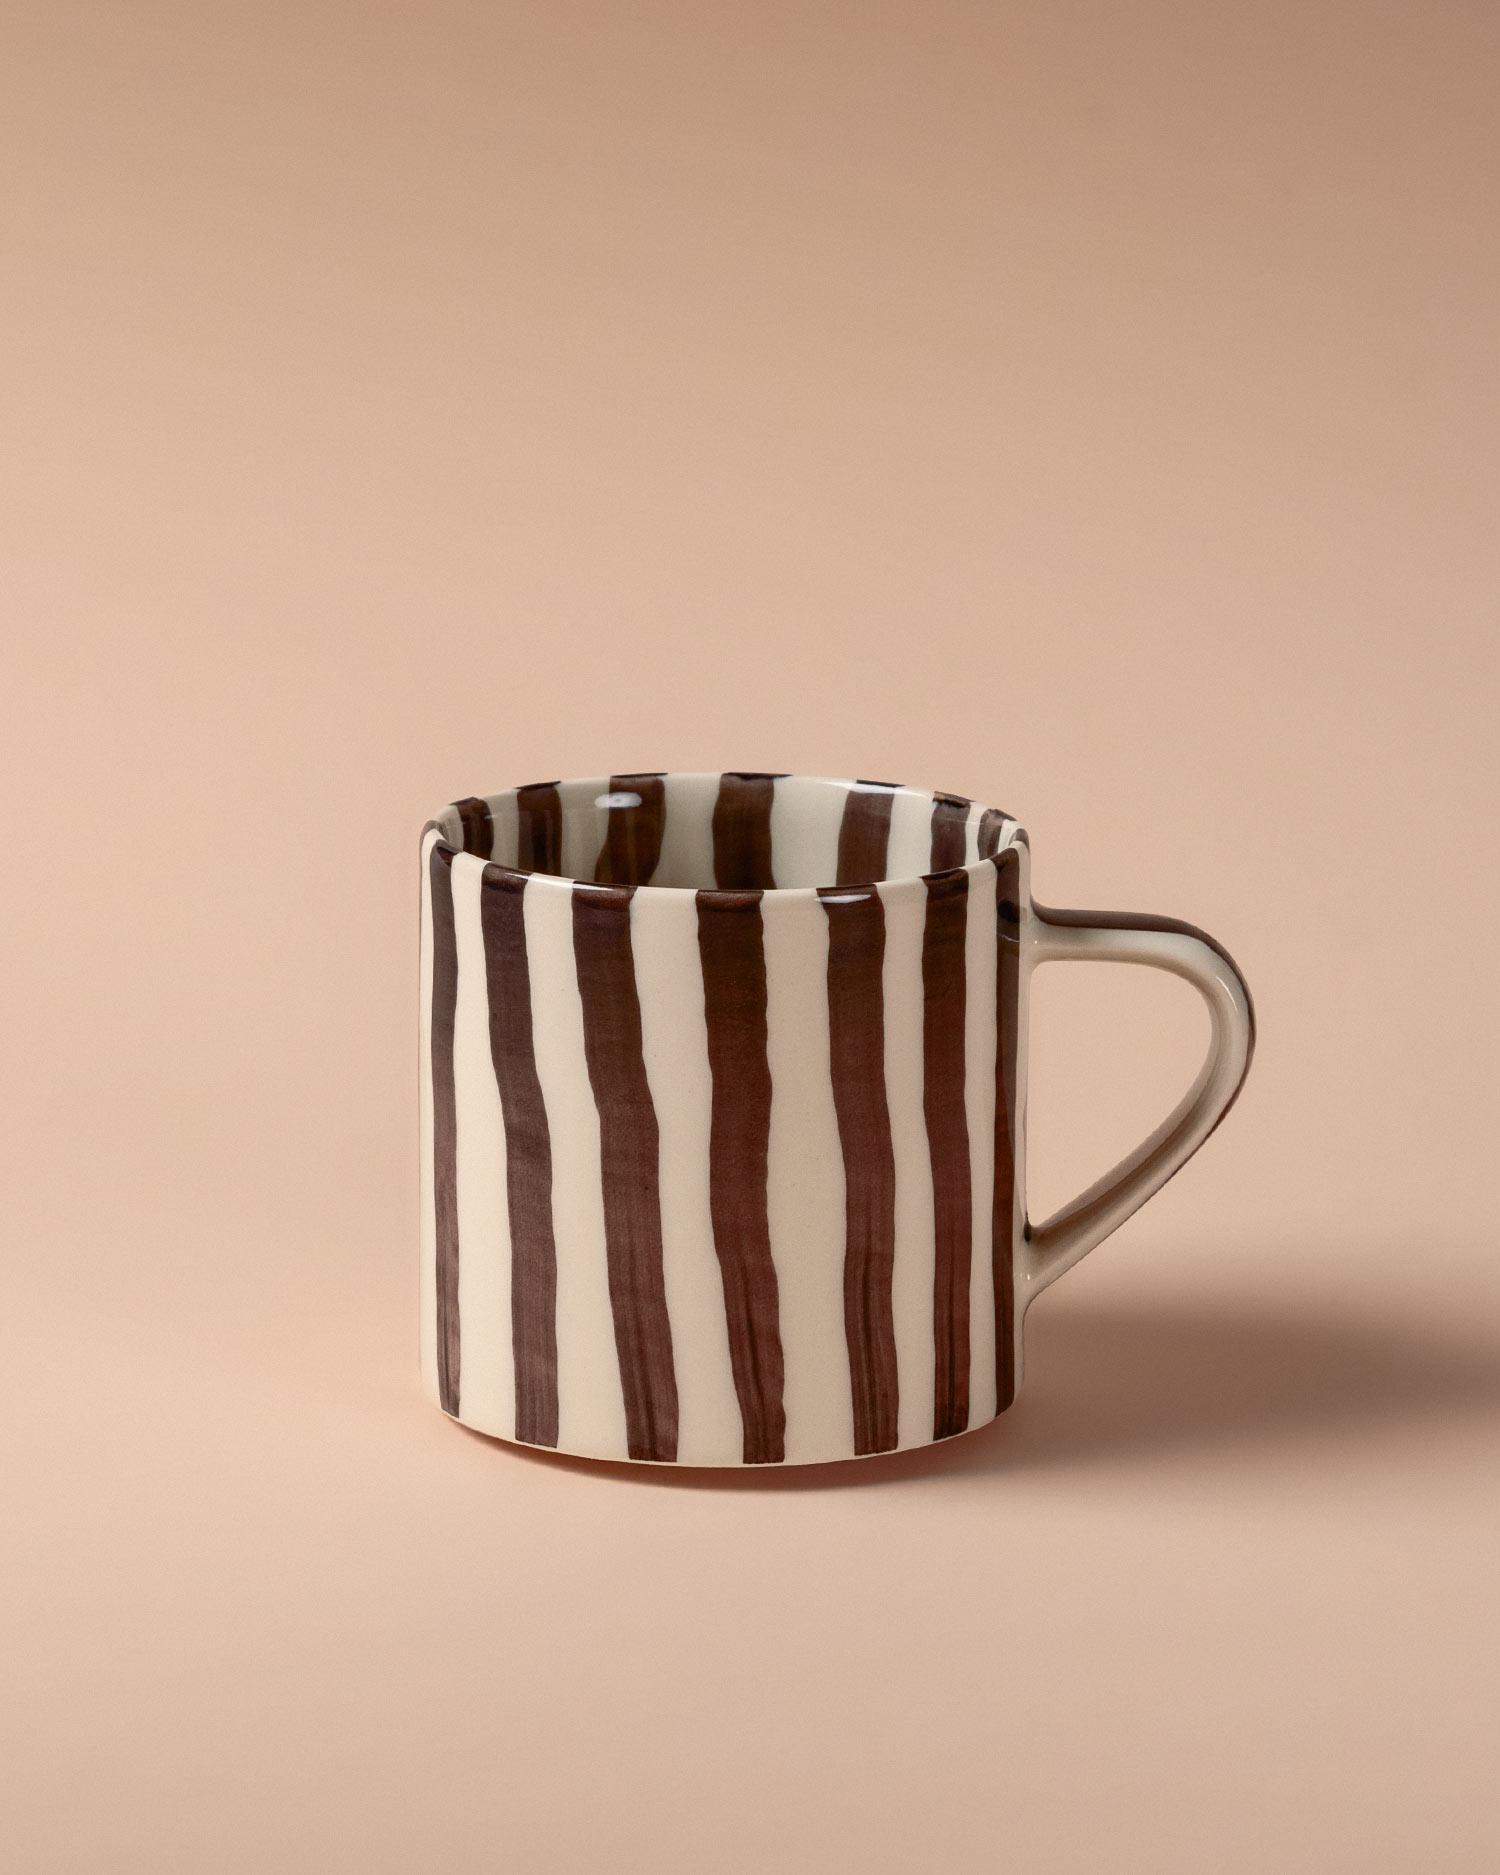 kalligrafi-coffee-cup-brown-pp-4.jpg